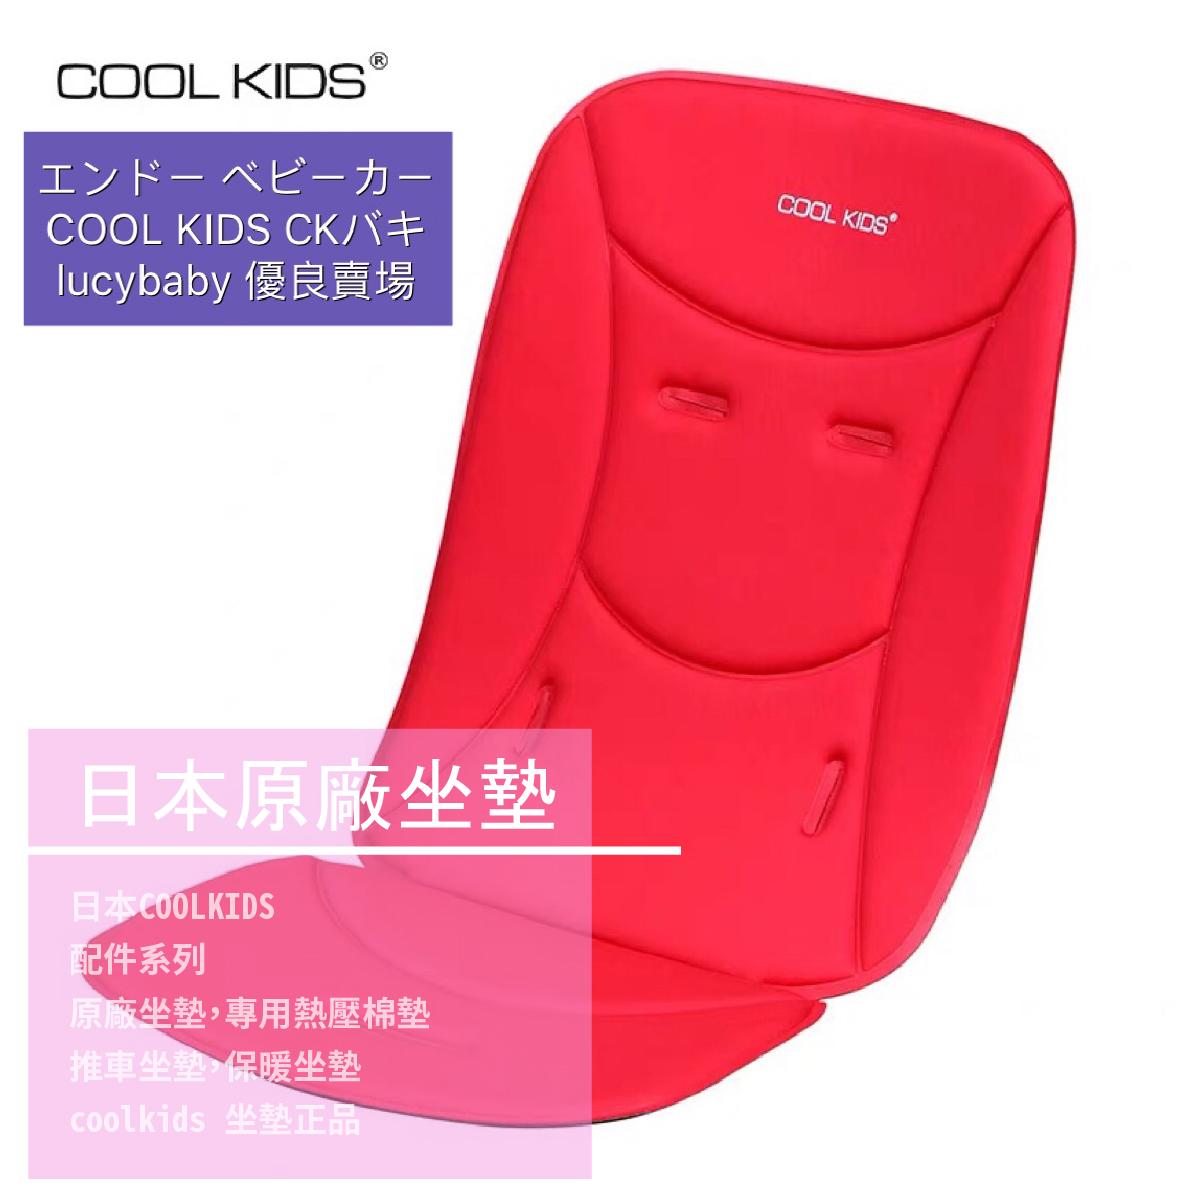 【日本COOLKIDS推車專賣店】日本COOLKIDS原廠坐墊